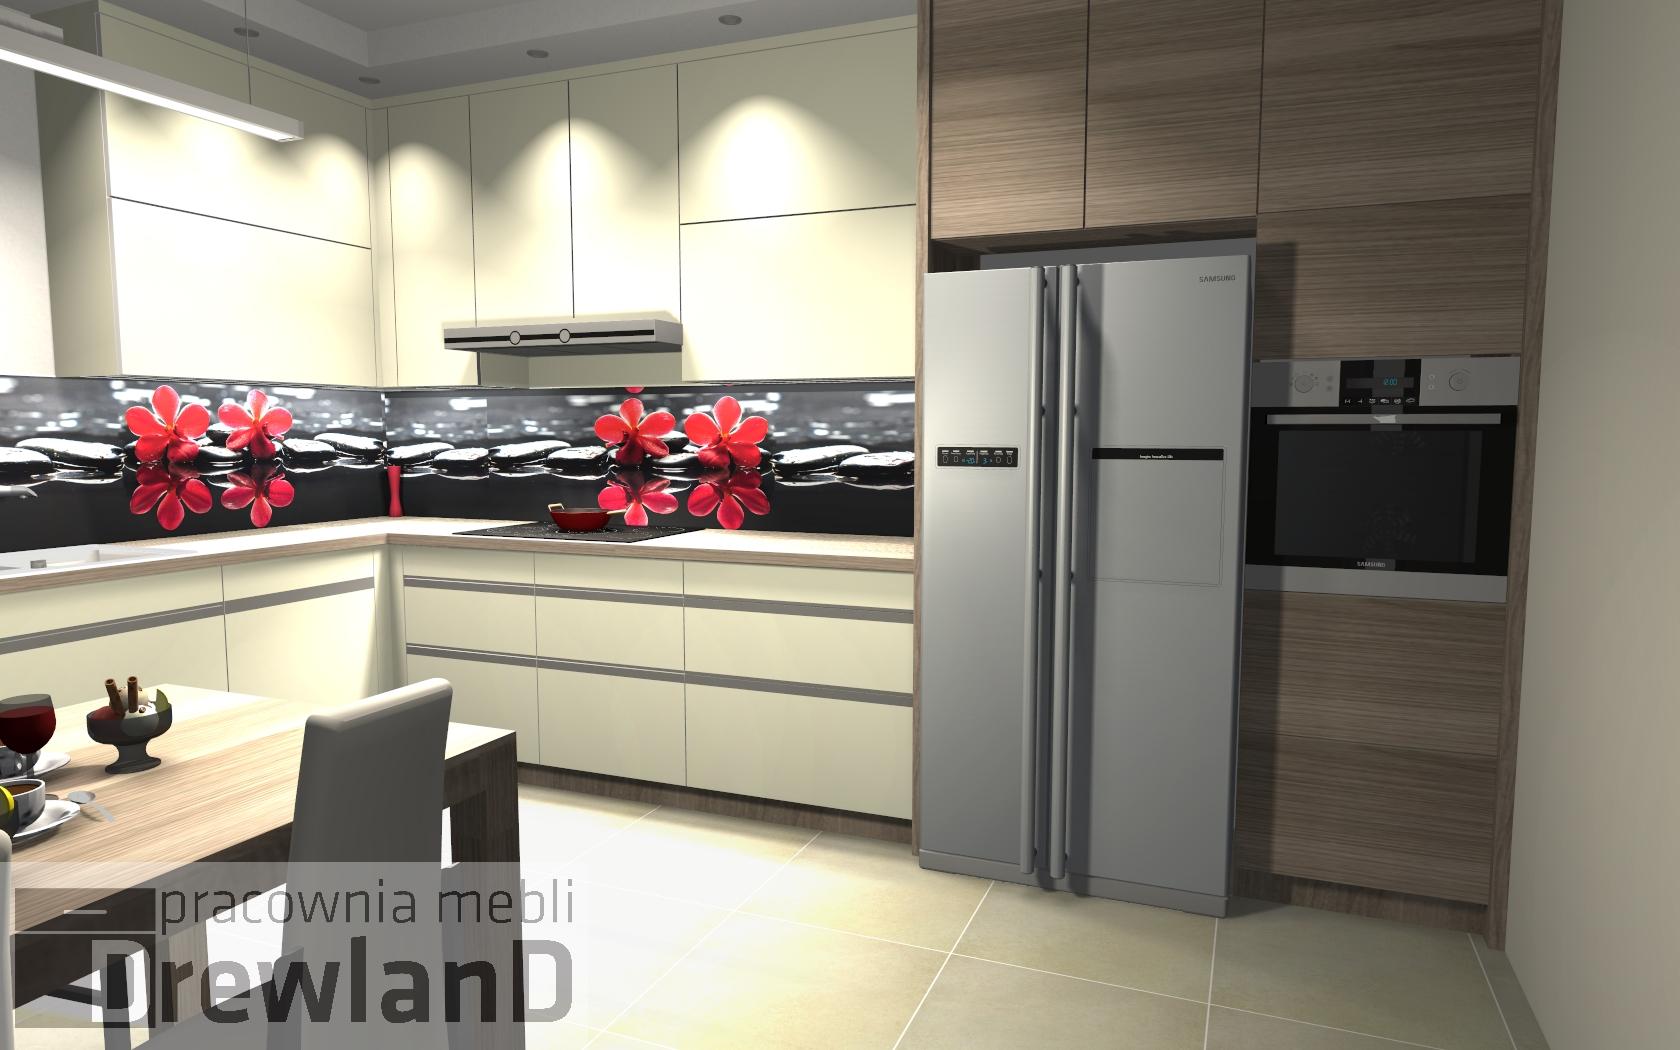 Wysokie szafki w kuchni  Drewland pl -> Kuchnia Biala Szafki Do Sufitu